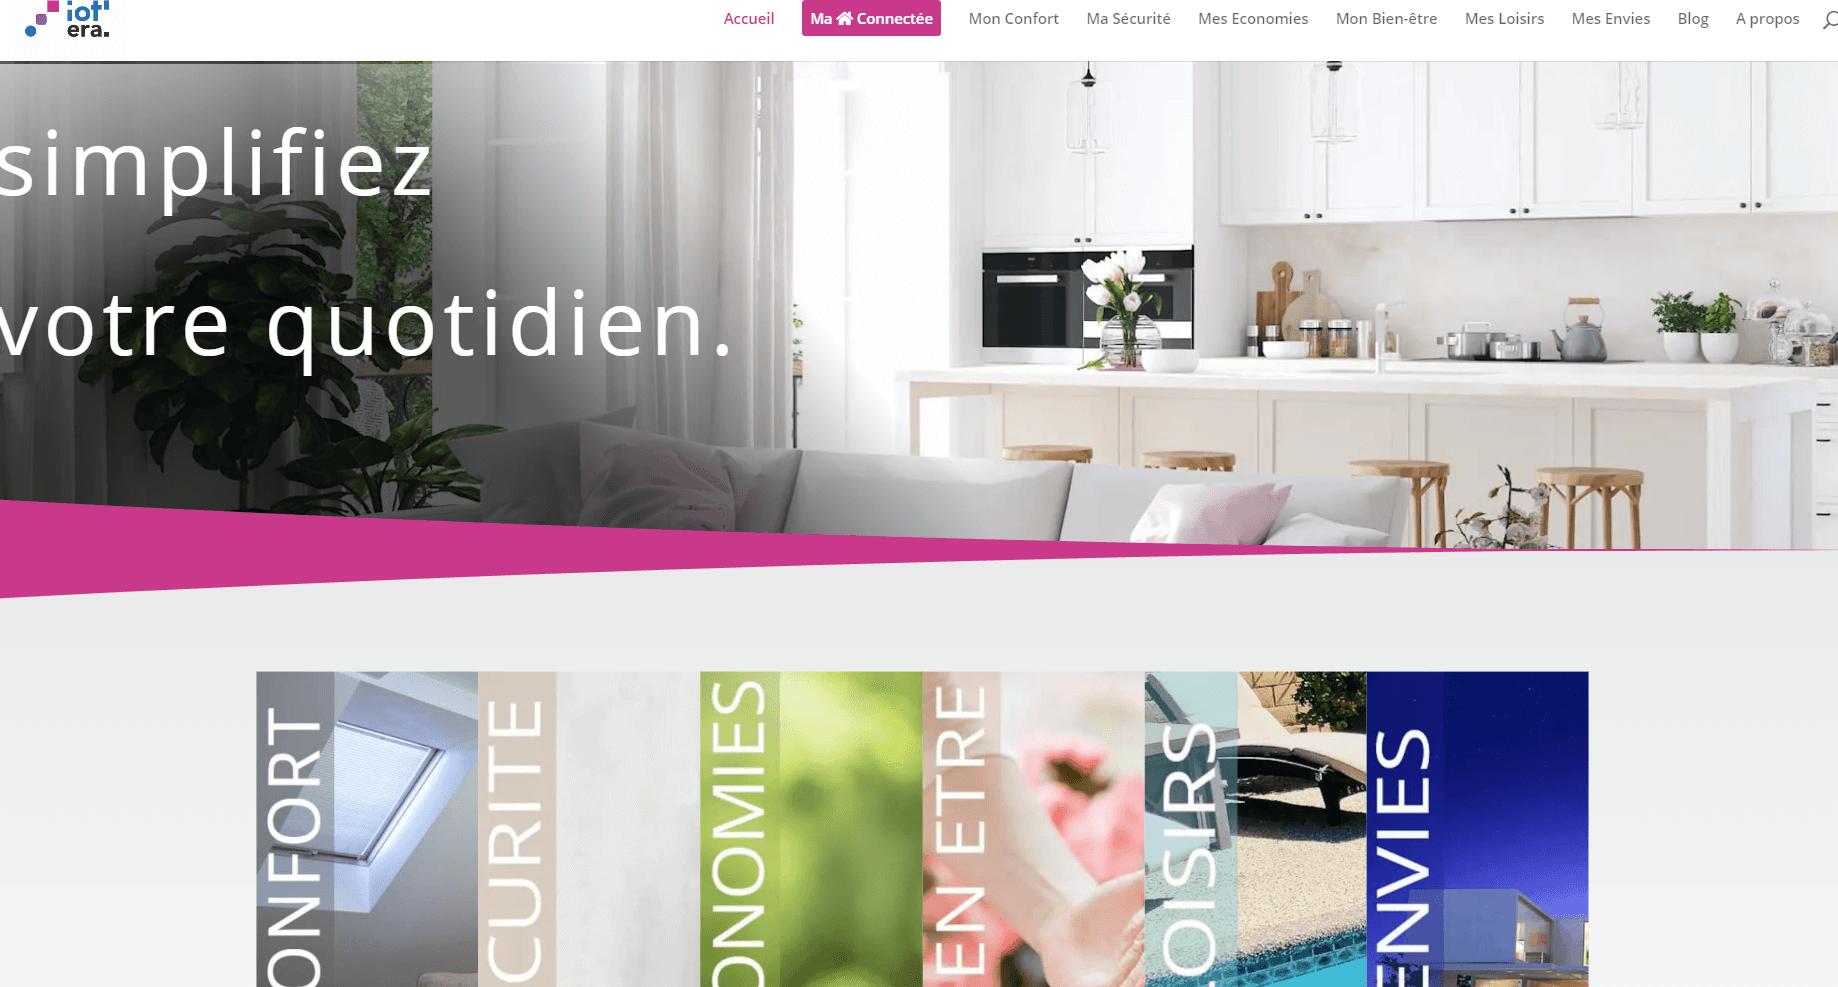 Page d'accueil du site web IoT'era